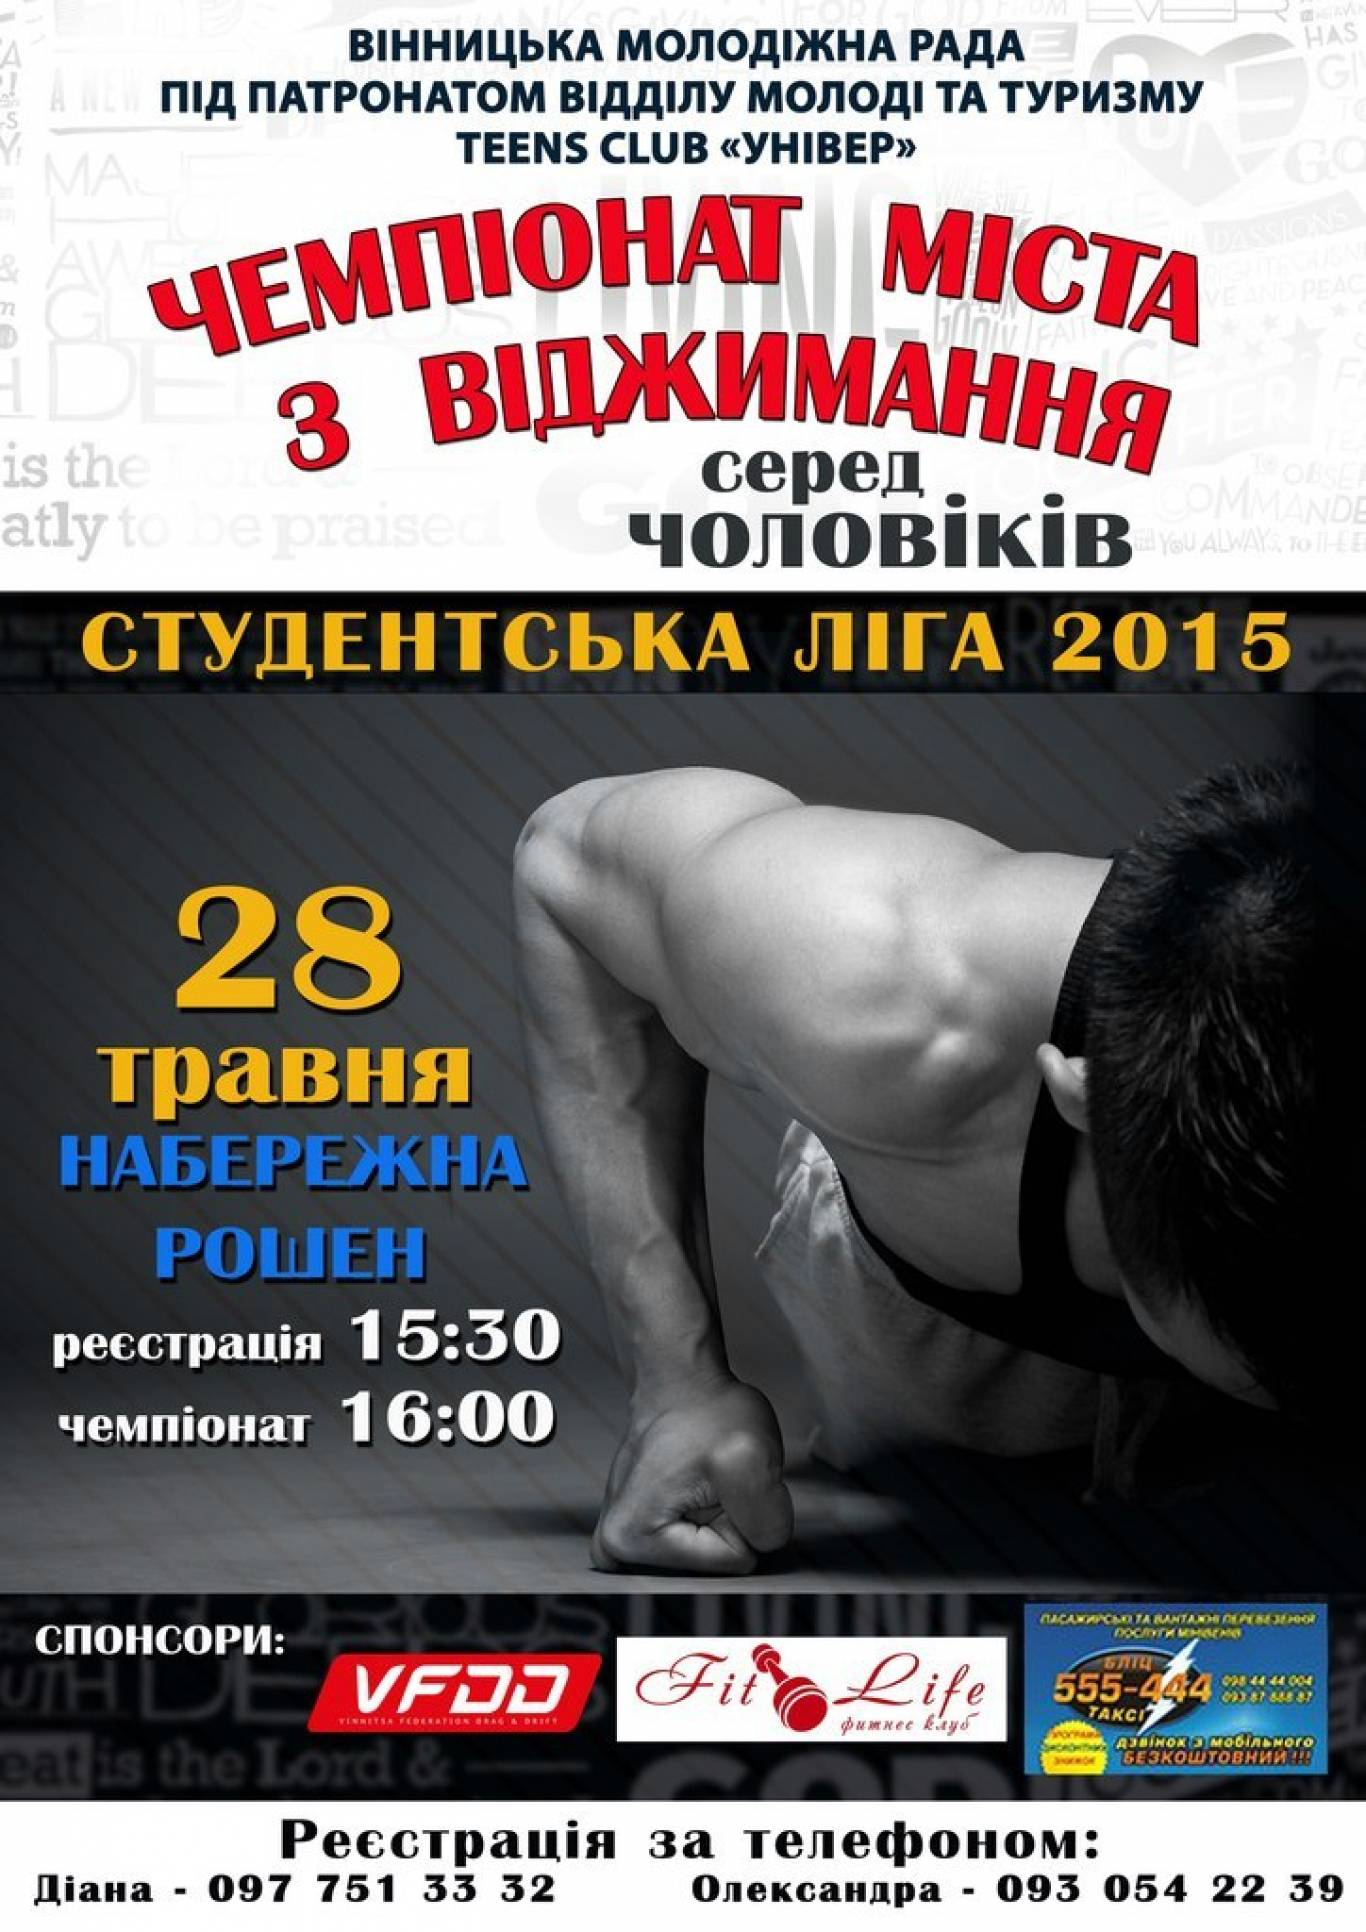 Чемпіонат віджимання серед чоловіків